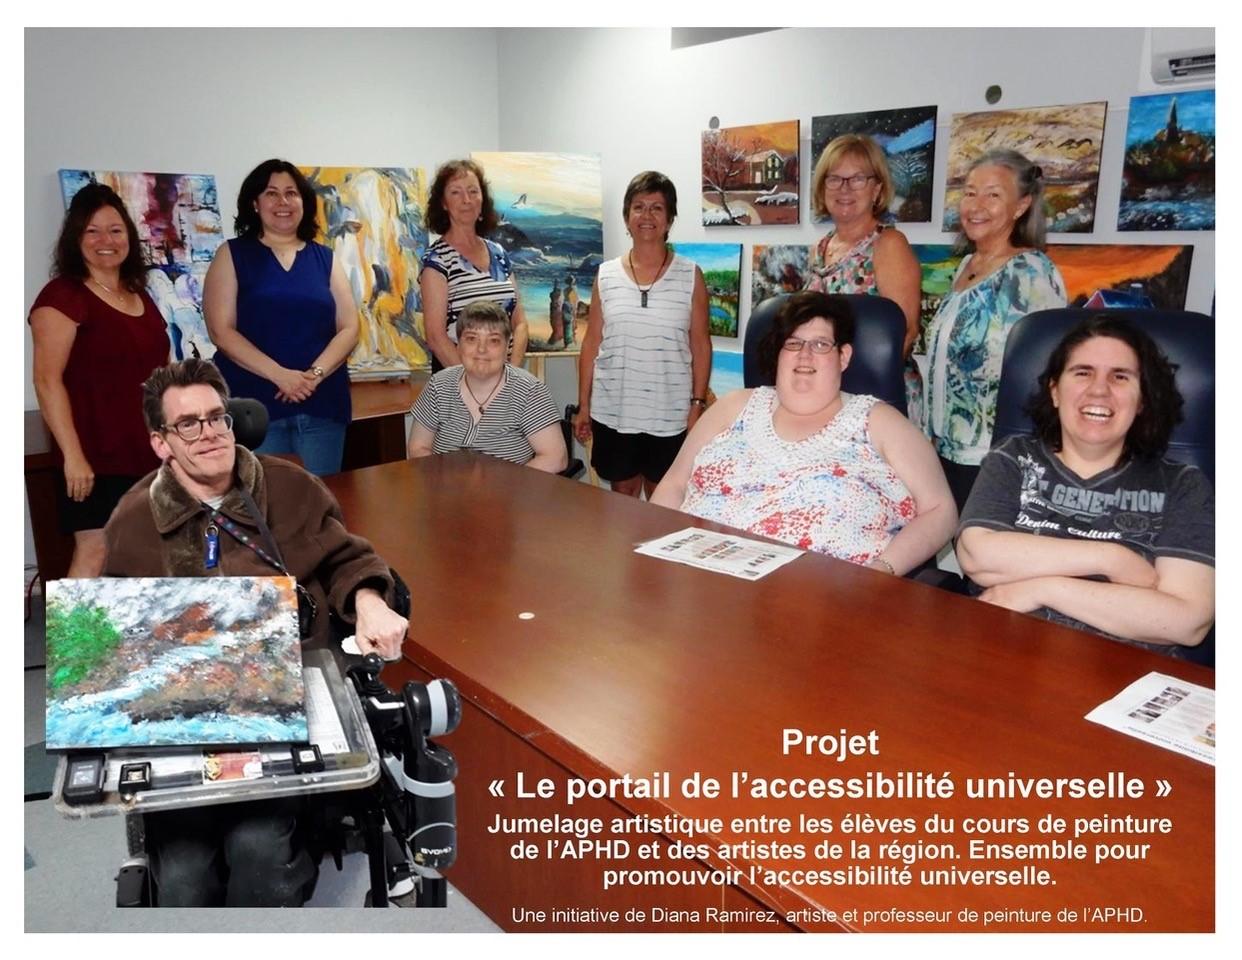 Accessibilité et handicap : quand l'art fait réfléchir